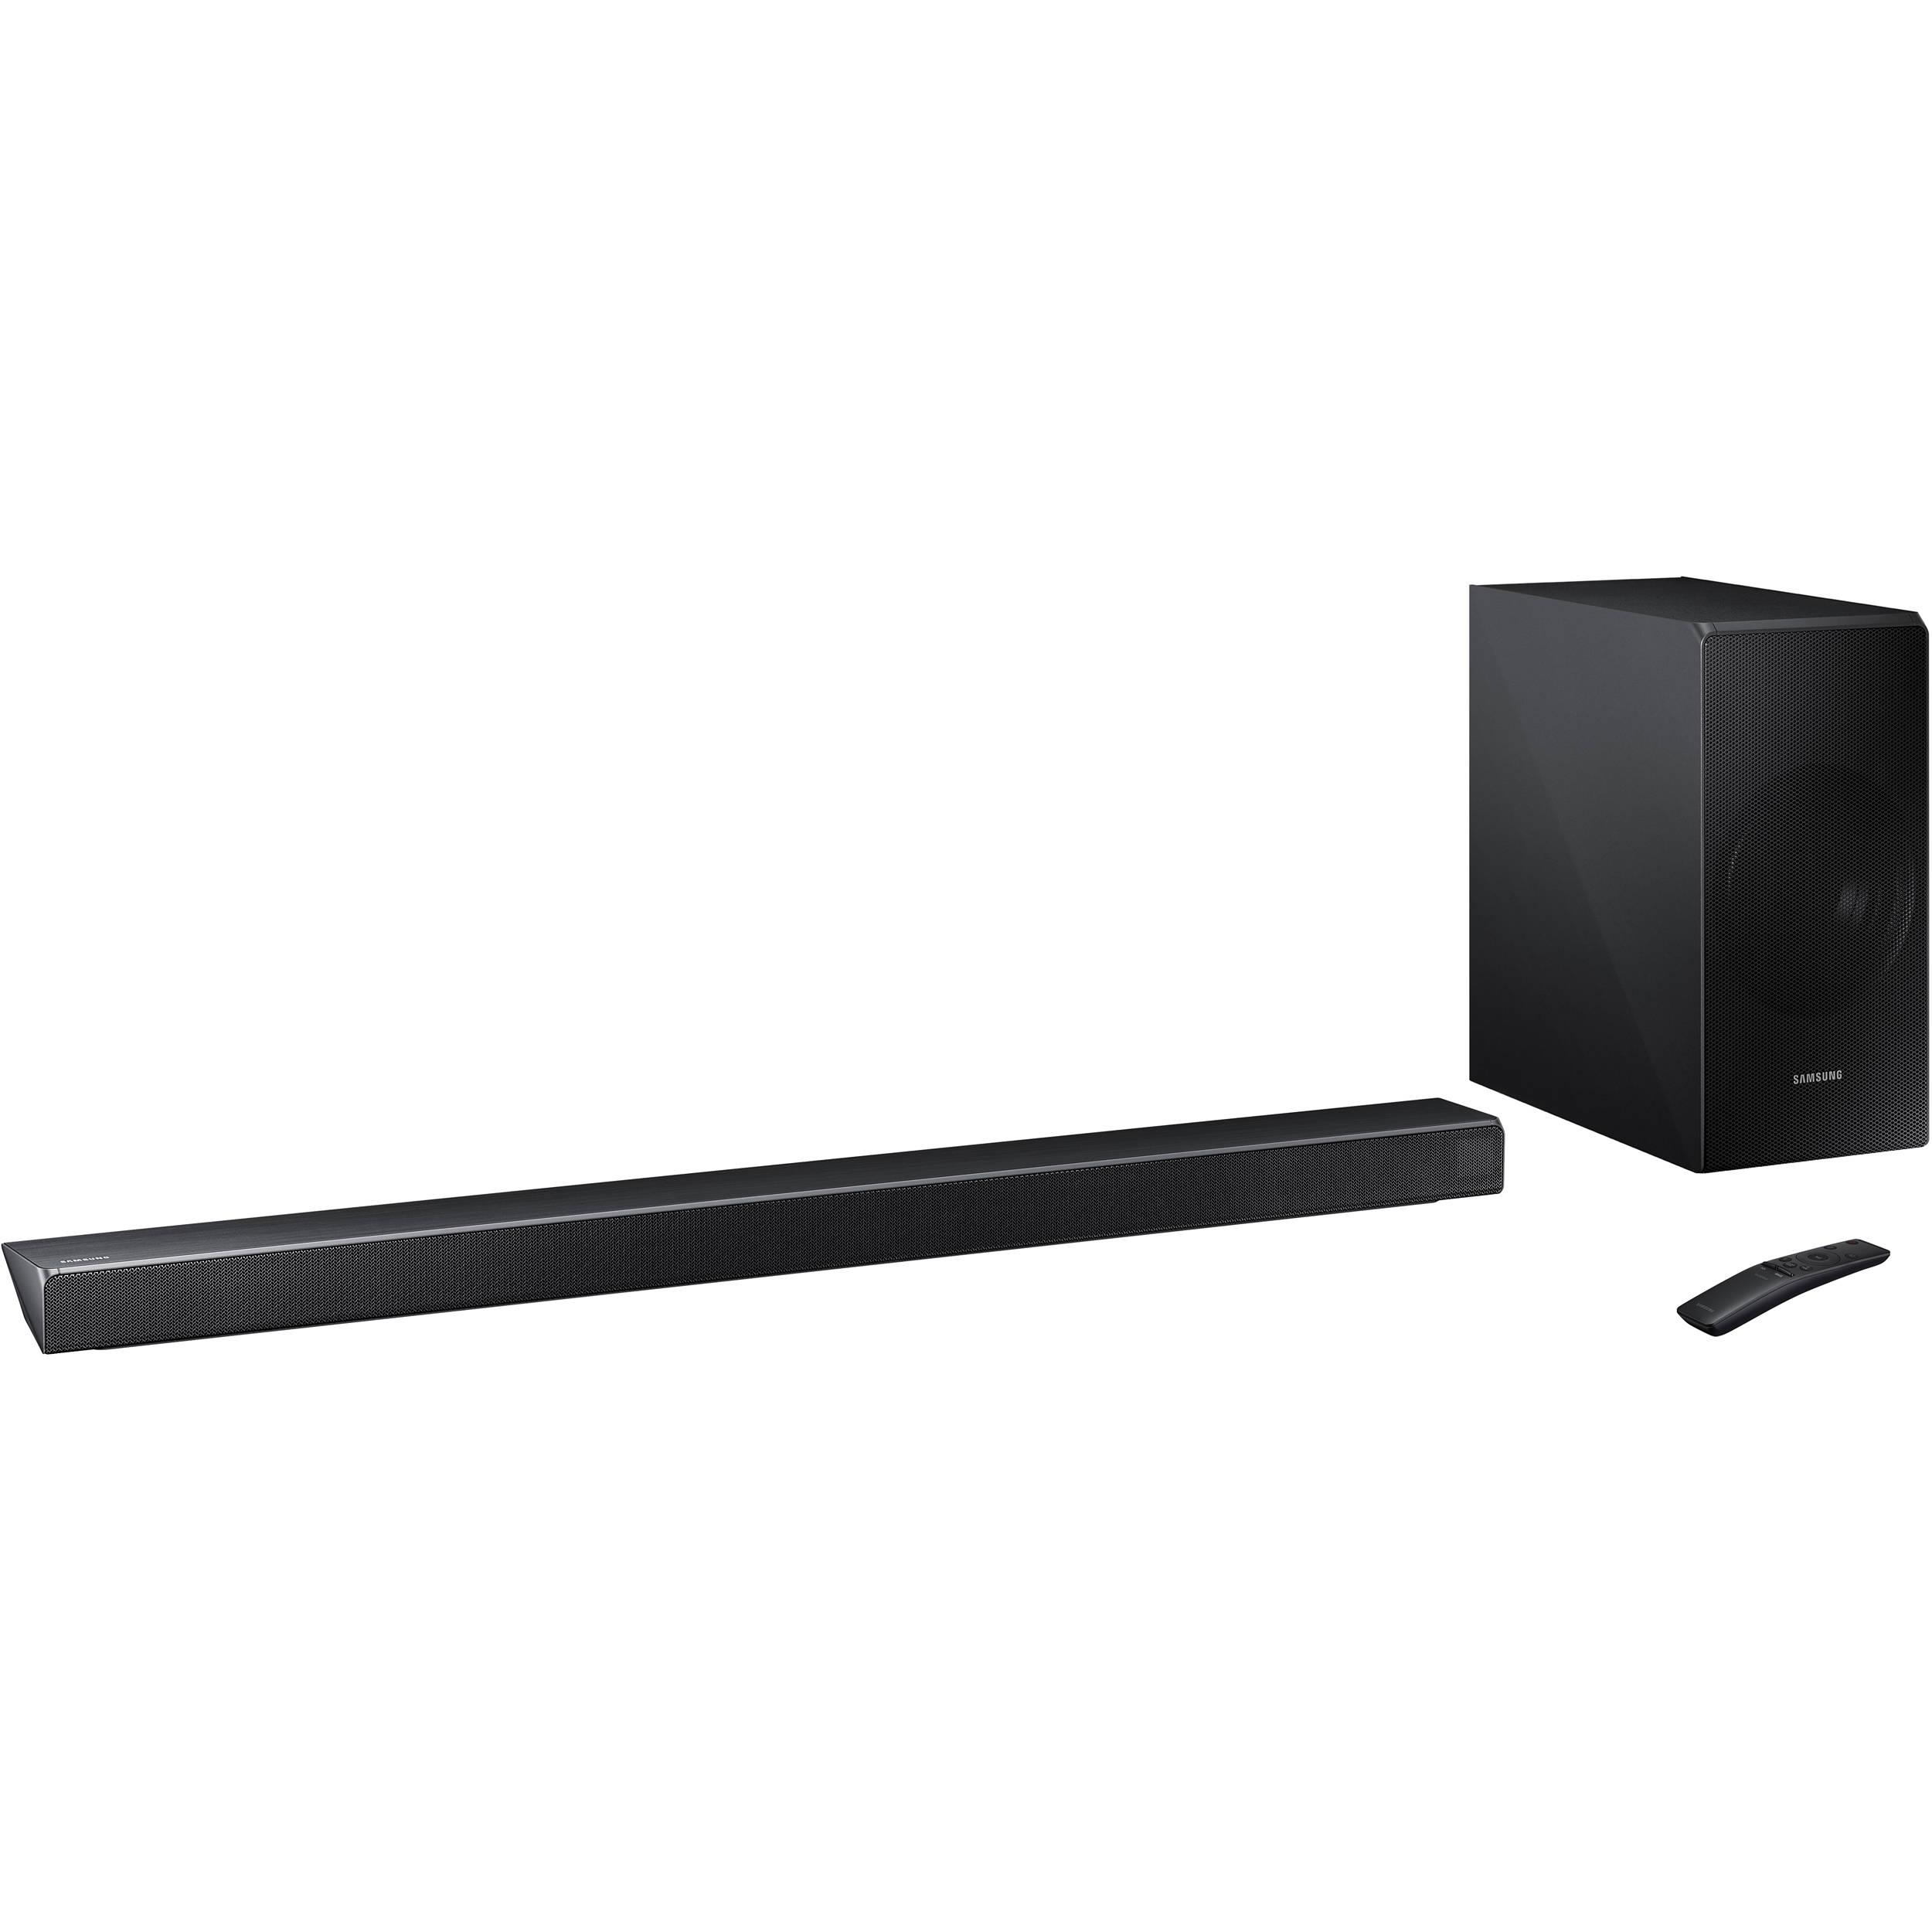 Samsung HW-N550 340W 3 1-Channel Soundbar System